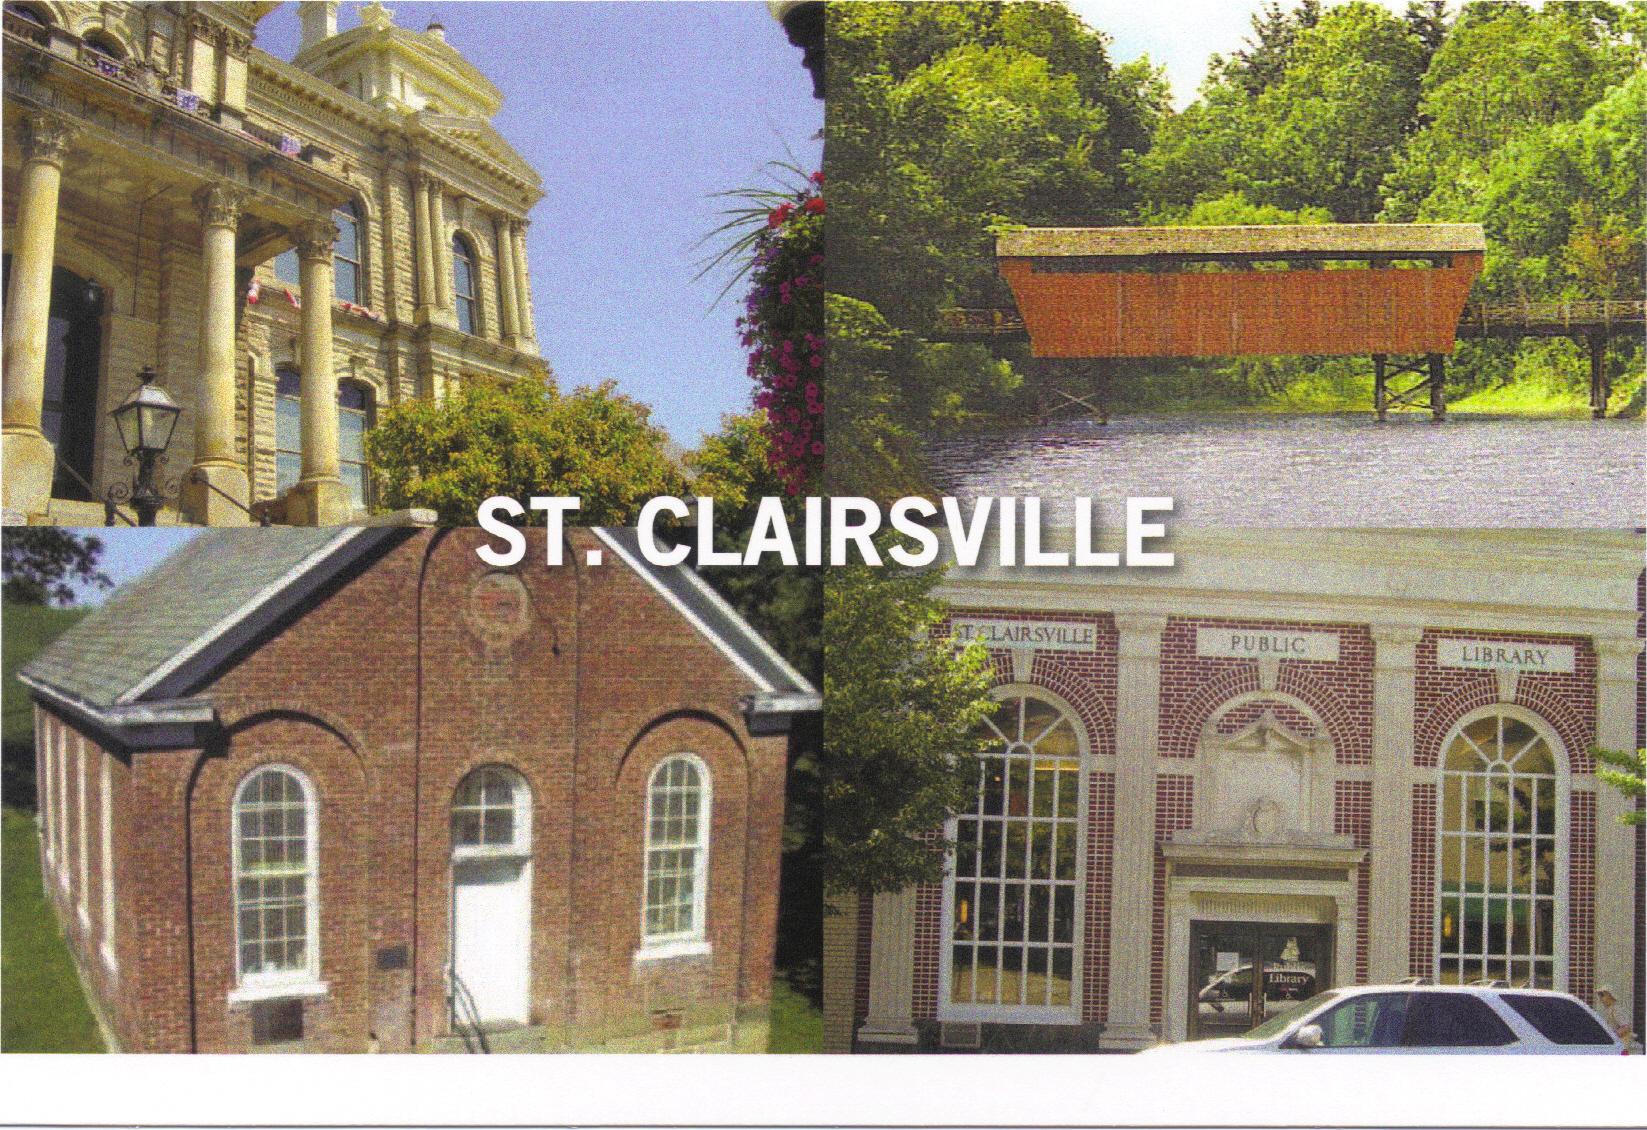 postcard -- St. Clairsville